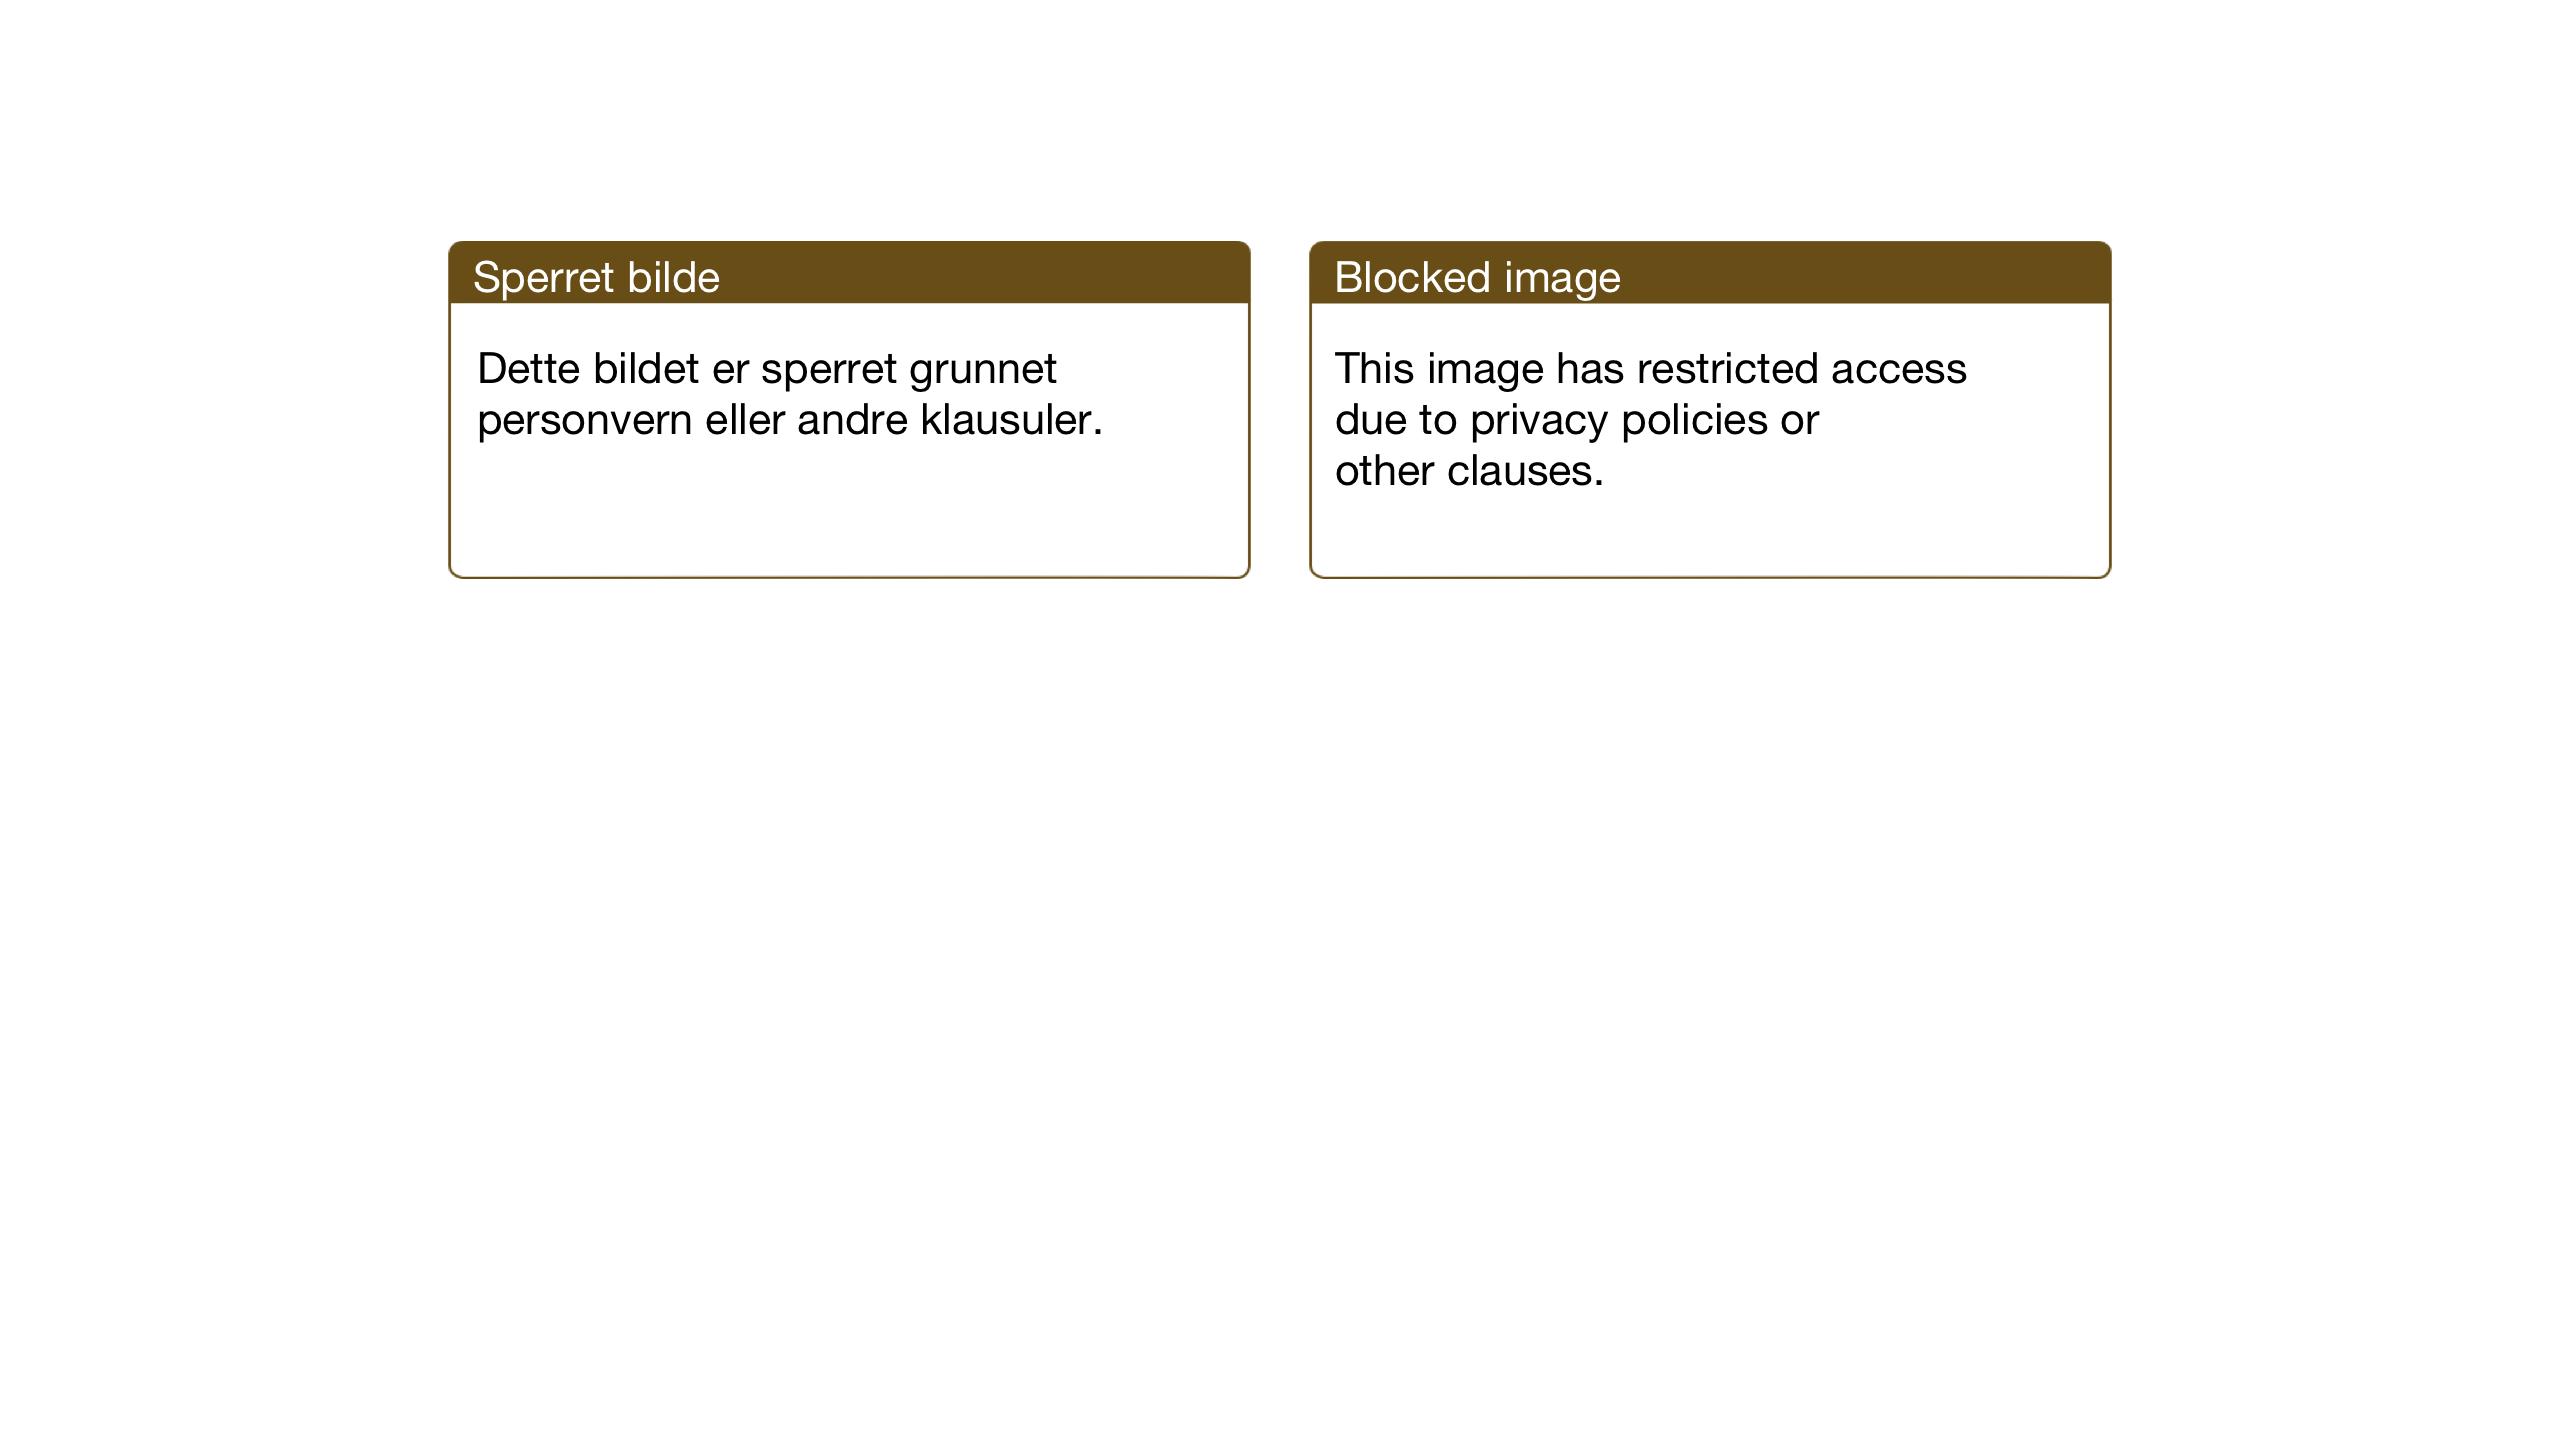 SAT, Ministerialprotokoller, klokkerbøker og fødselsregistre - Sør-Trøndelag, 608/L0342: Klokkerbok nr. 608C08, 1912-1938, s. 38